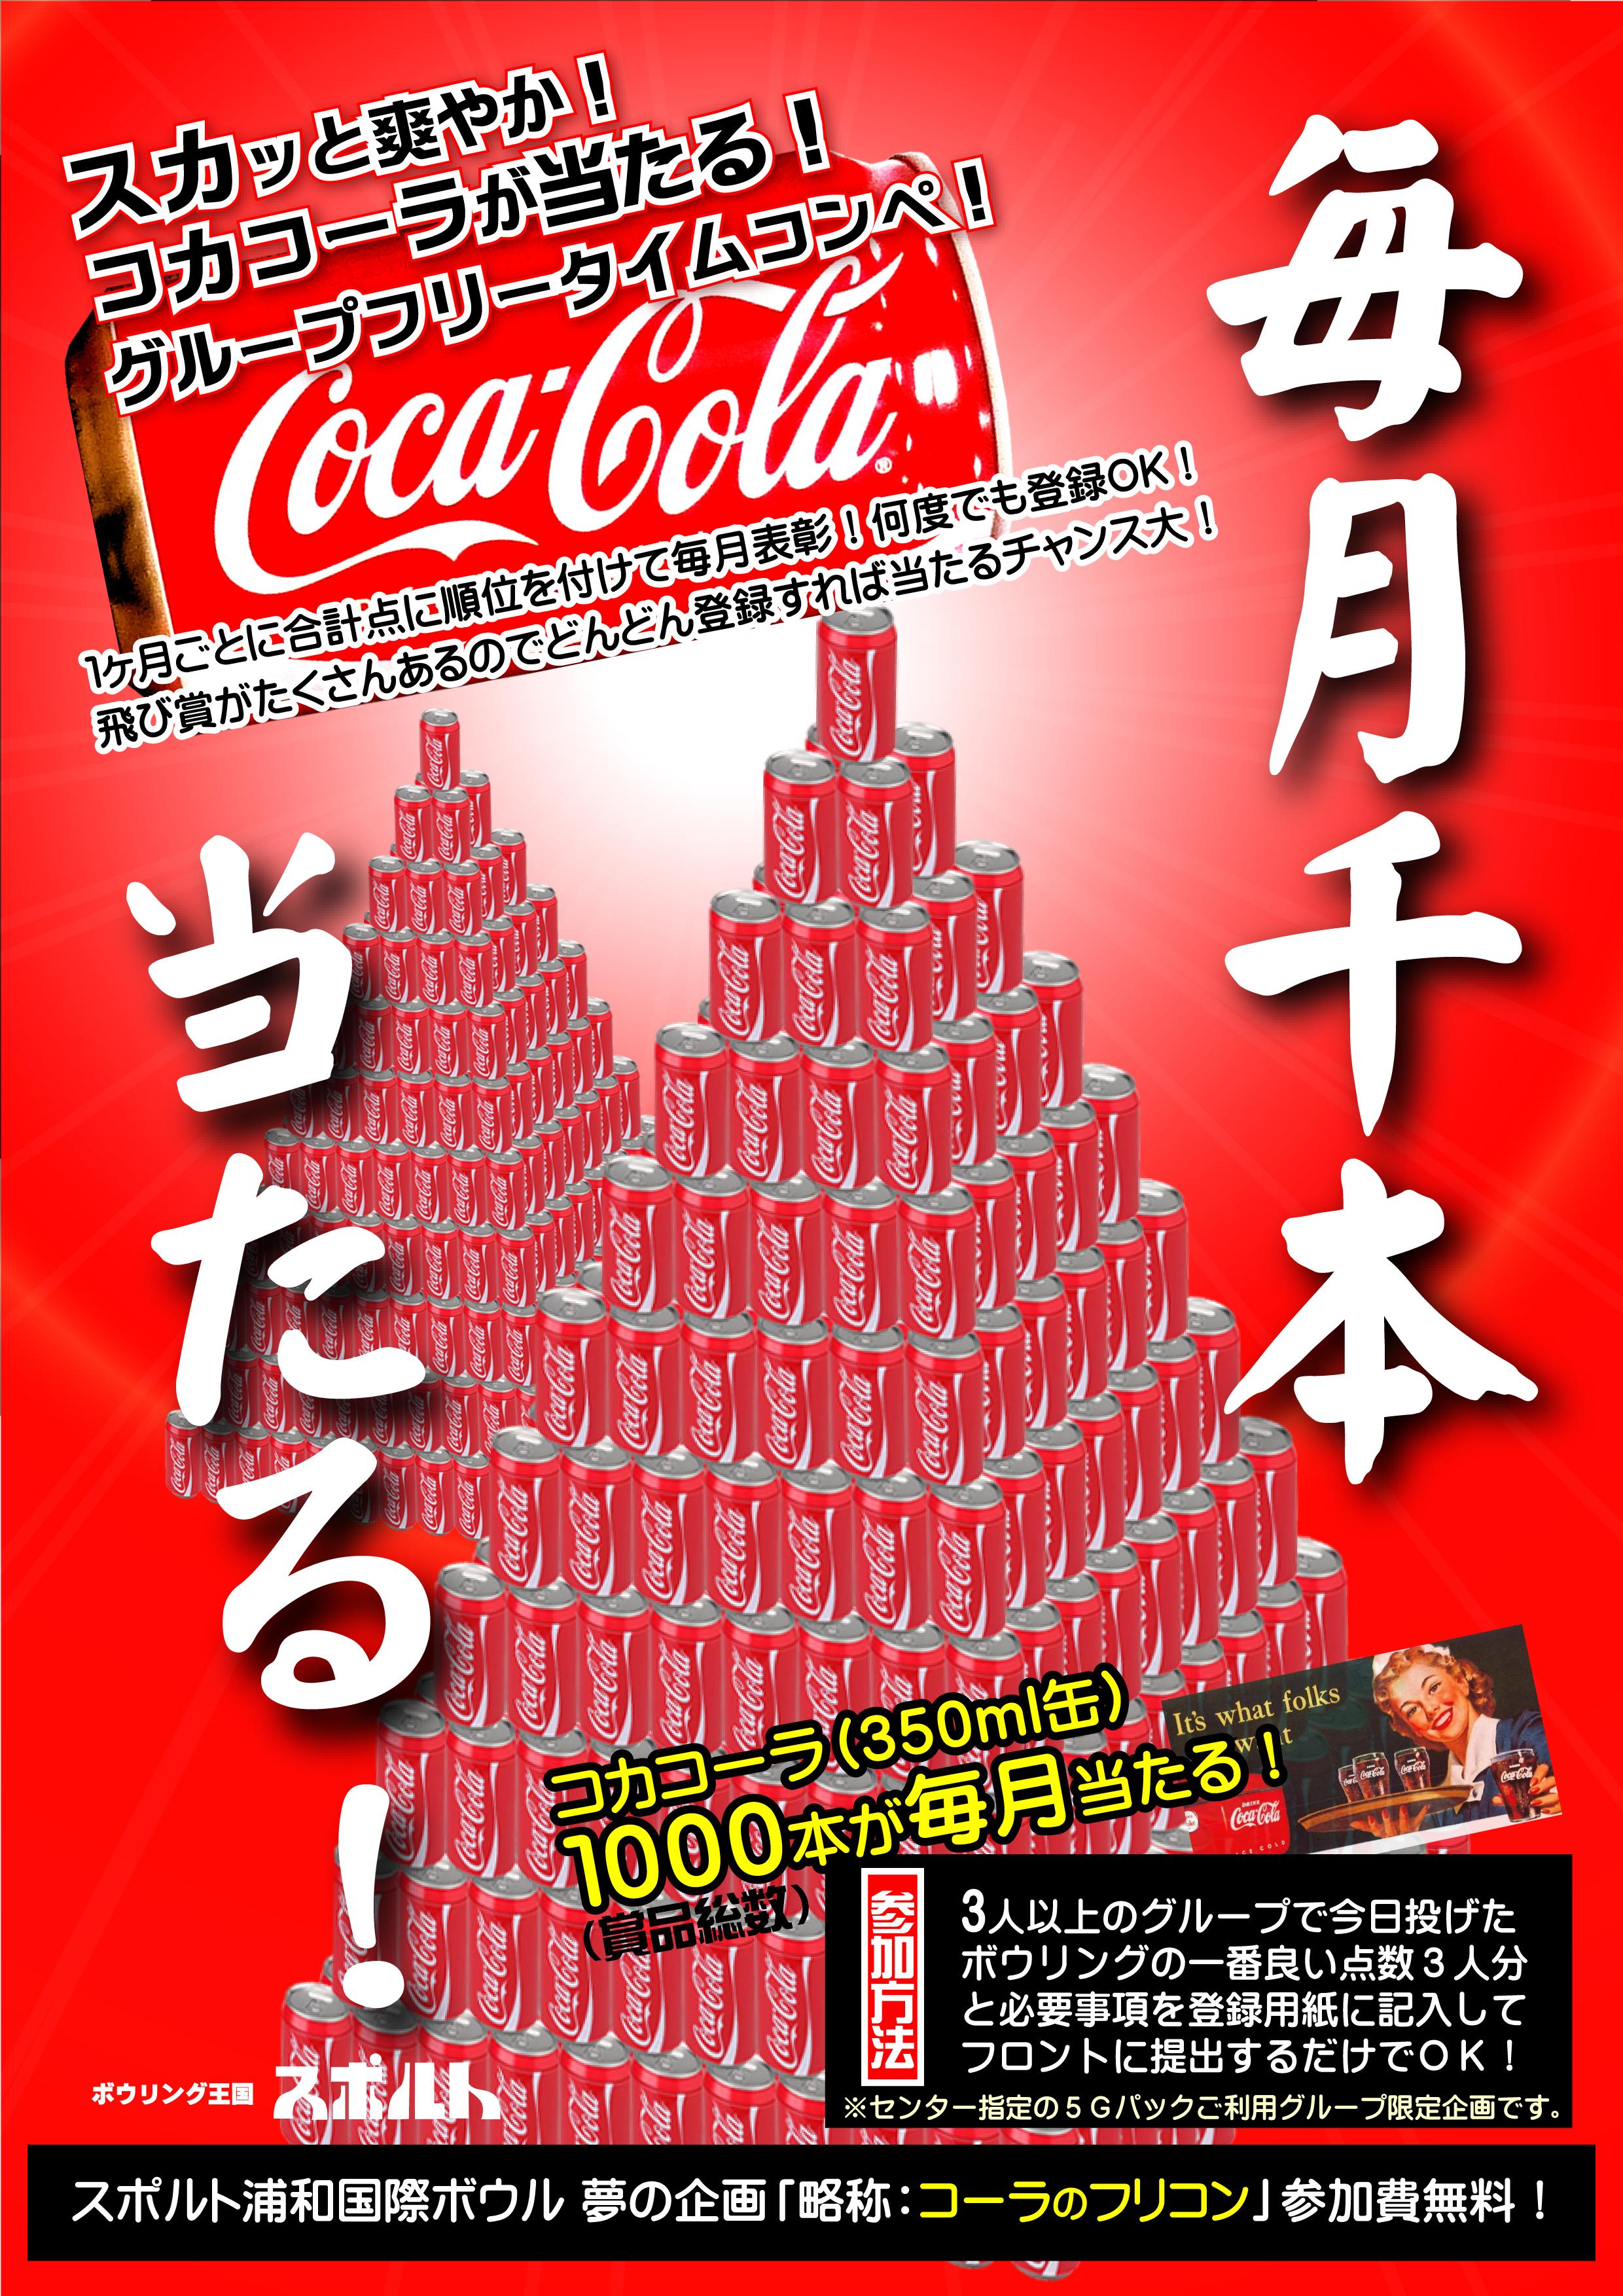 スカッと爽やか!コカコーラが当たるグループフリータイムコンペ